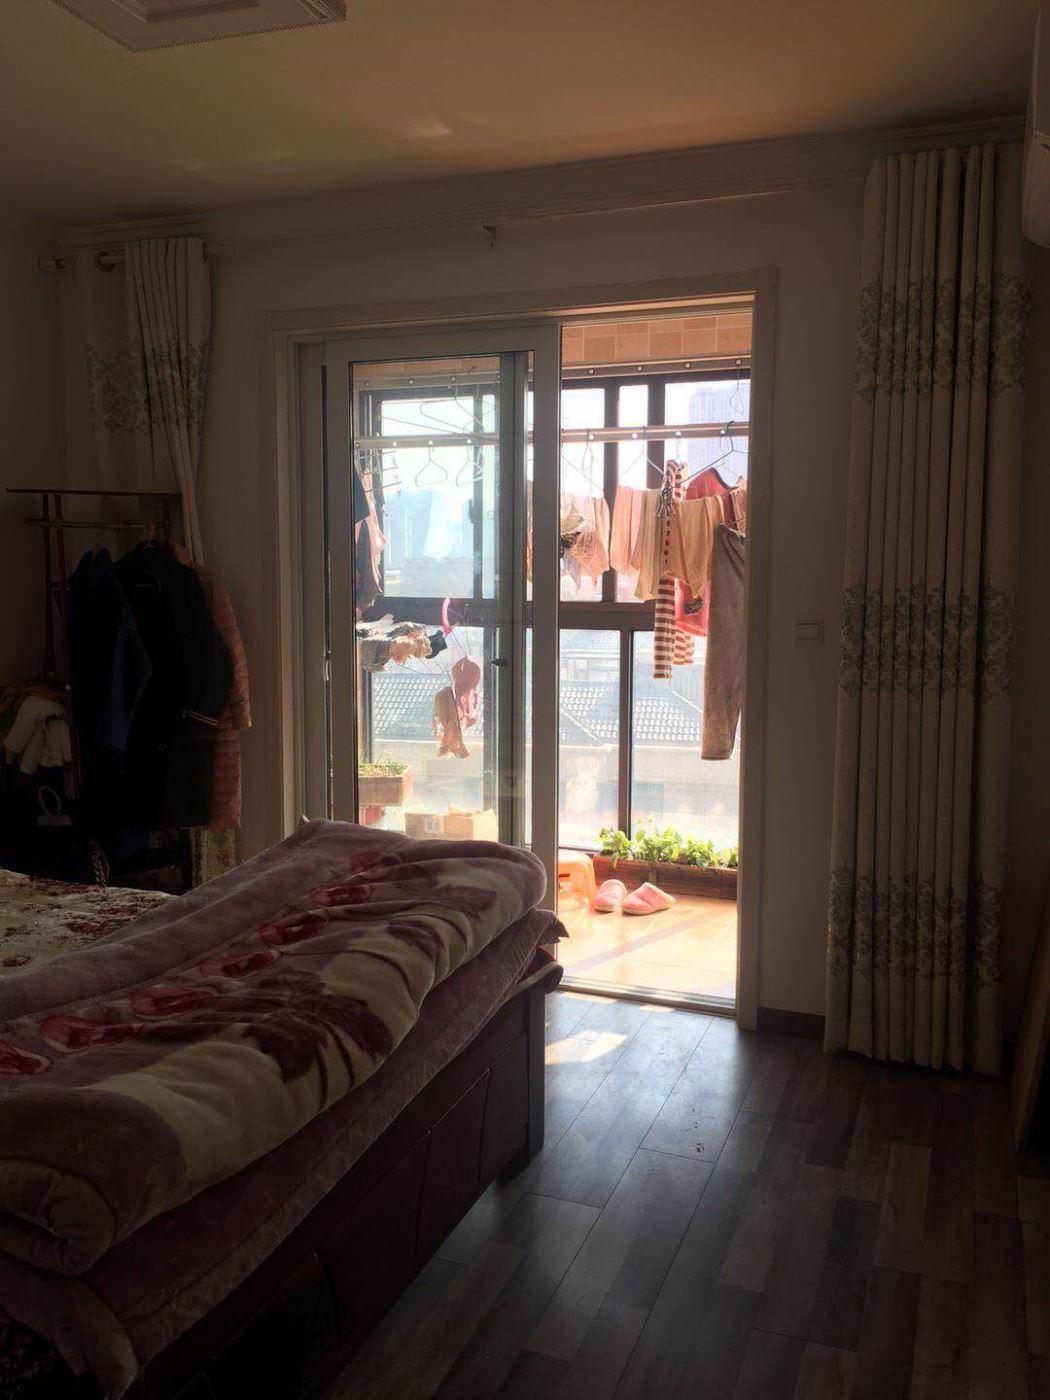 新北区香树湾馨苑 145平四室两厅两卫精装修 东首户